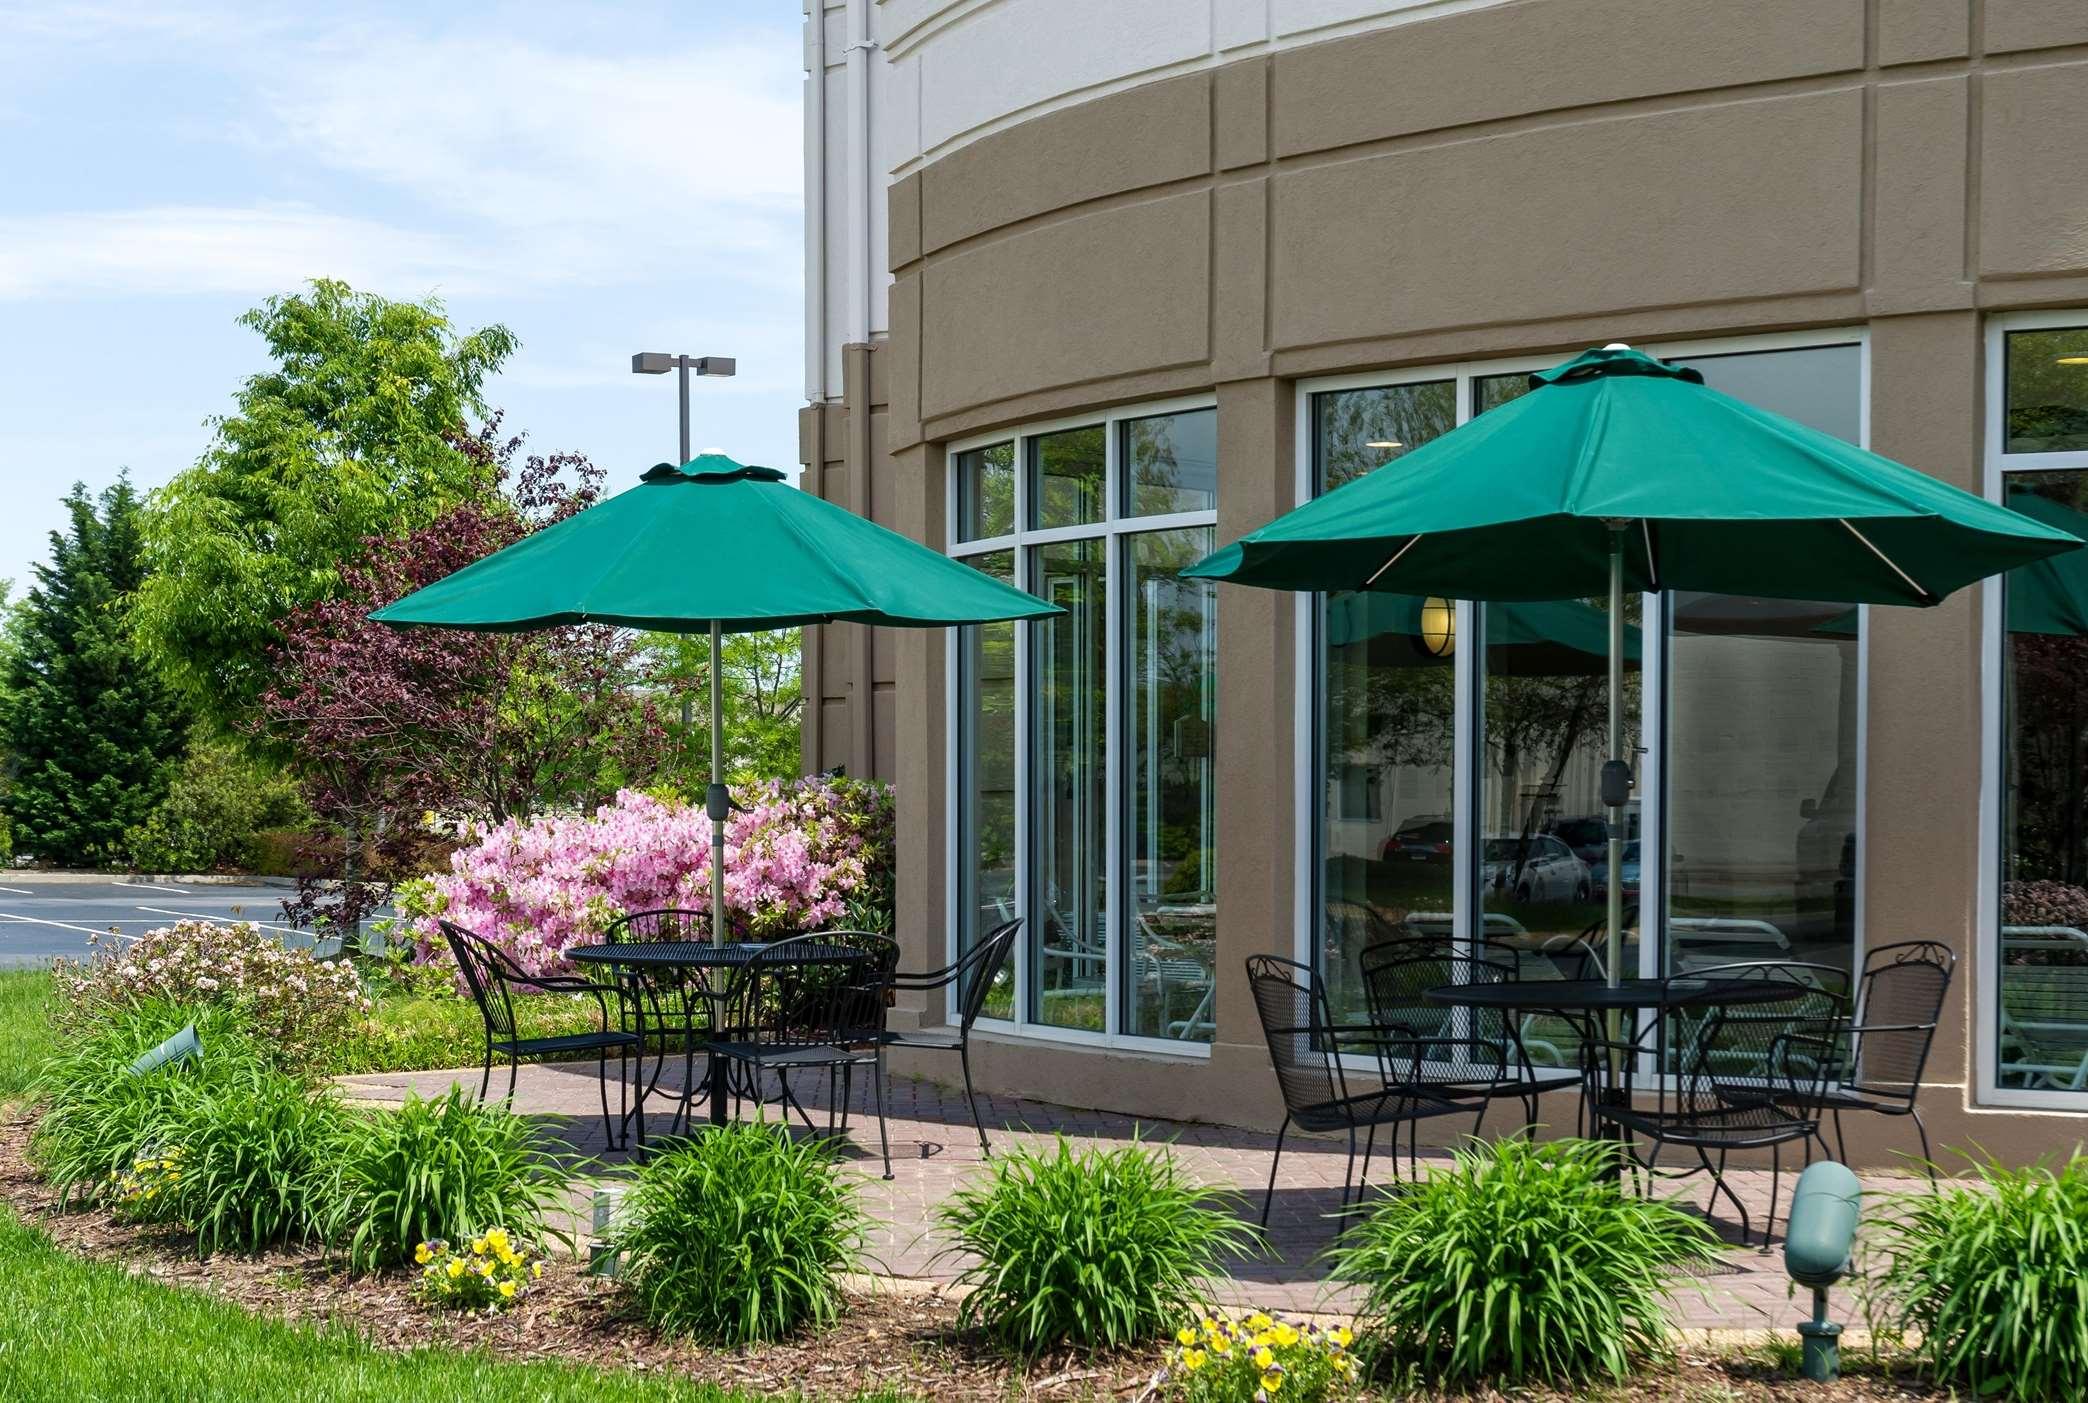 Hilton Garden Inn Newport News image 10